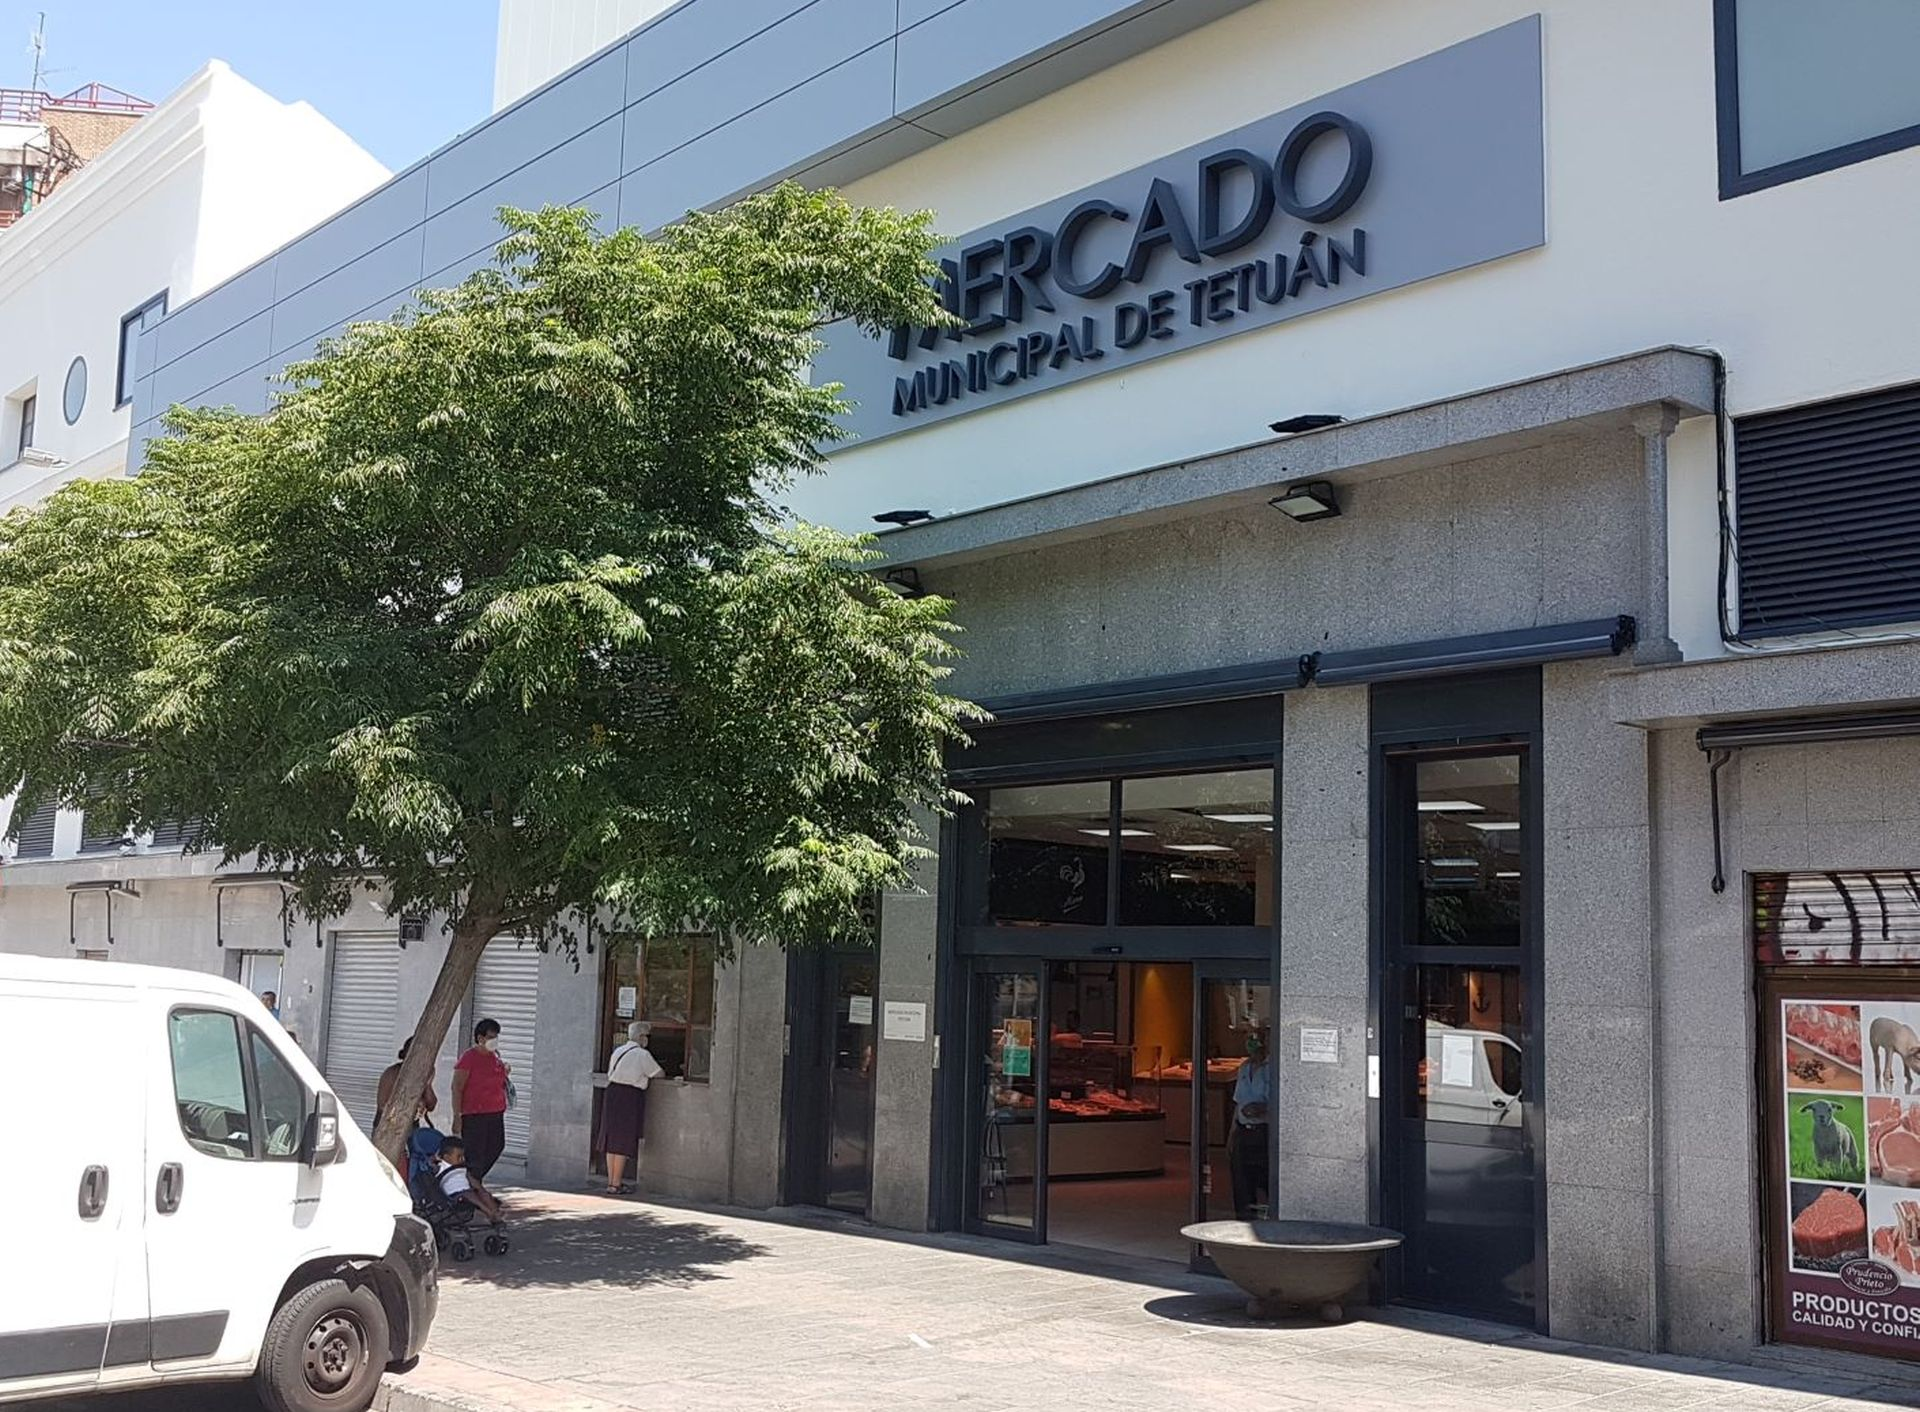 Mercado Municipal de Tetuán